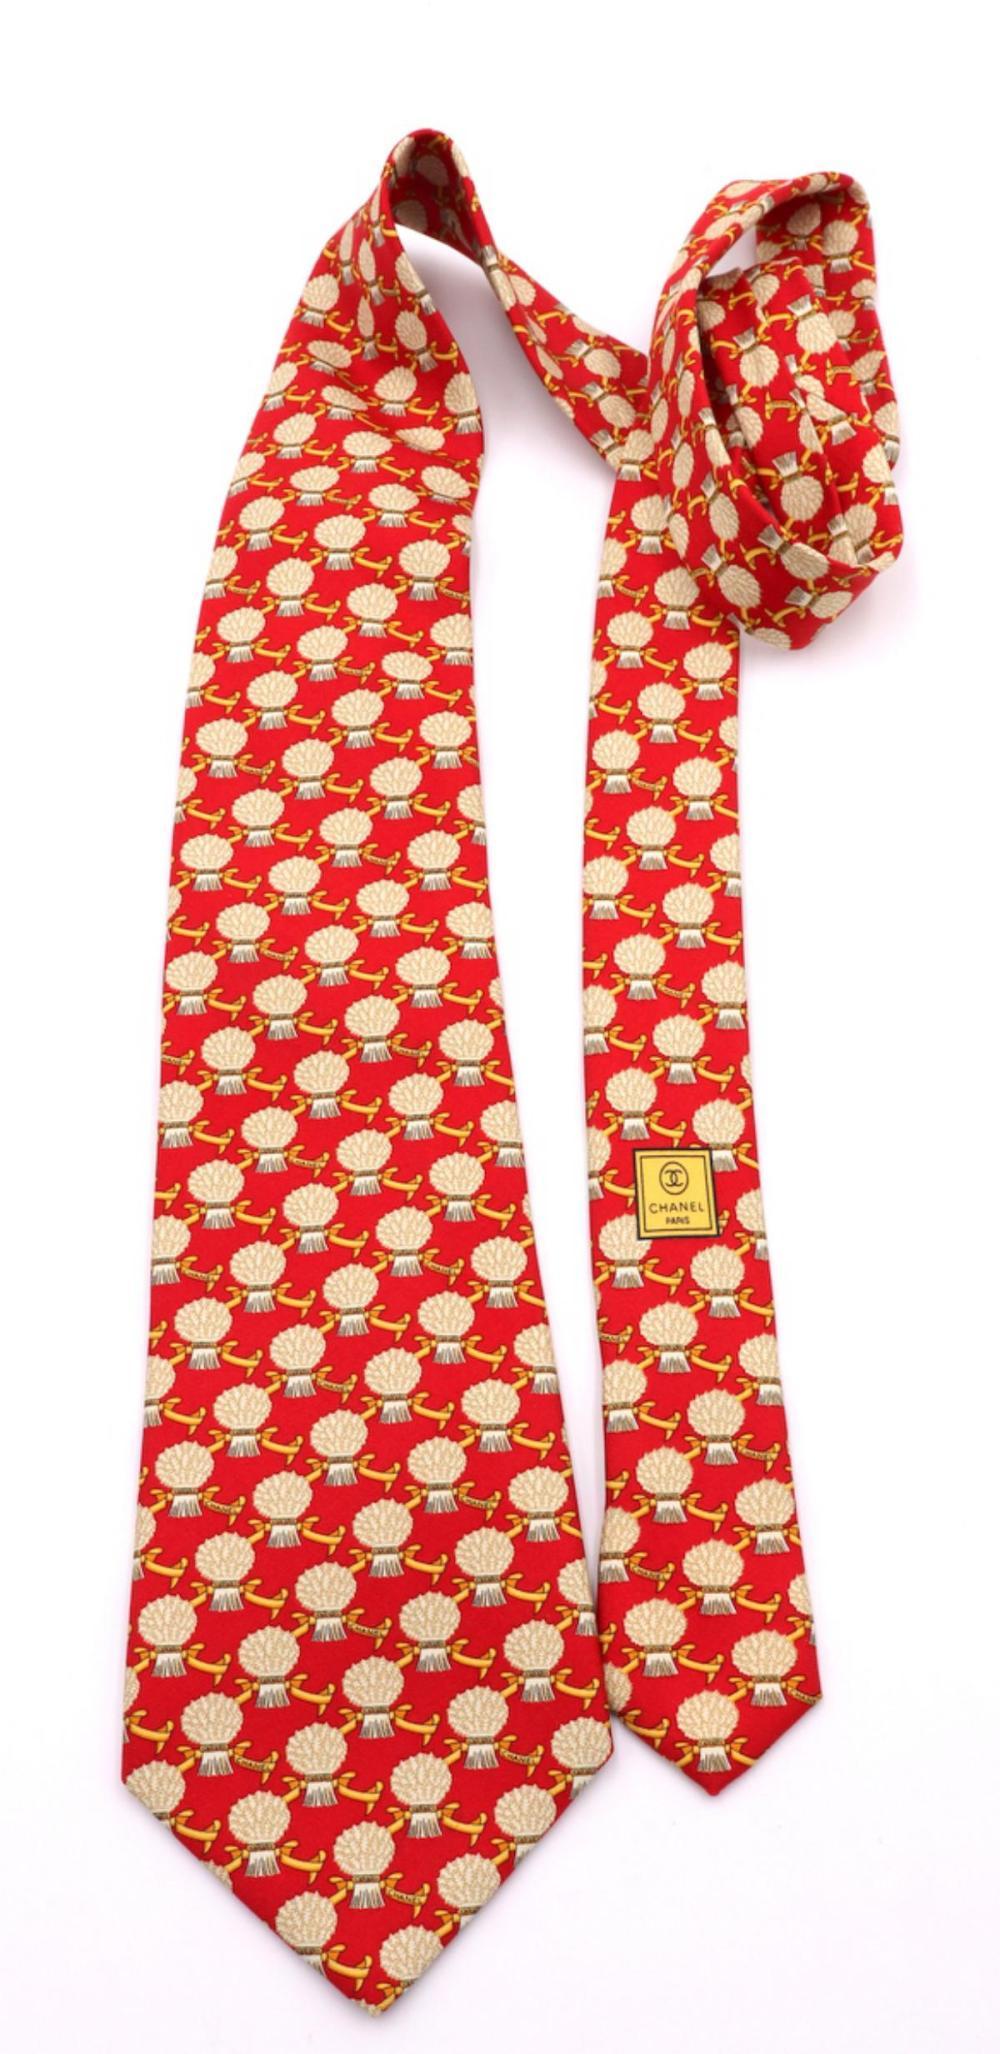 Vintage Chanel 100% Silk Tie